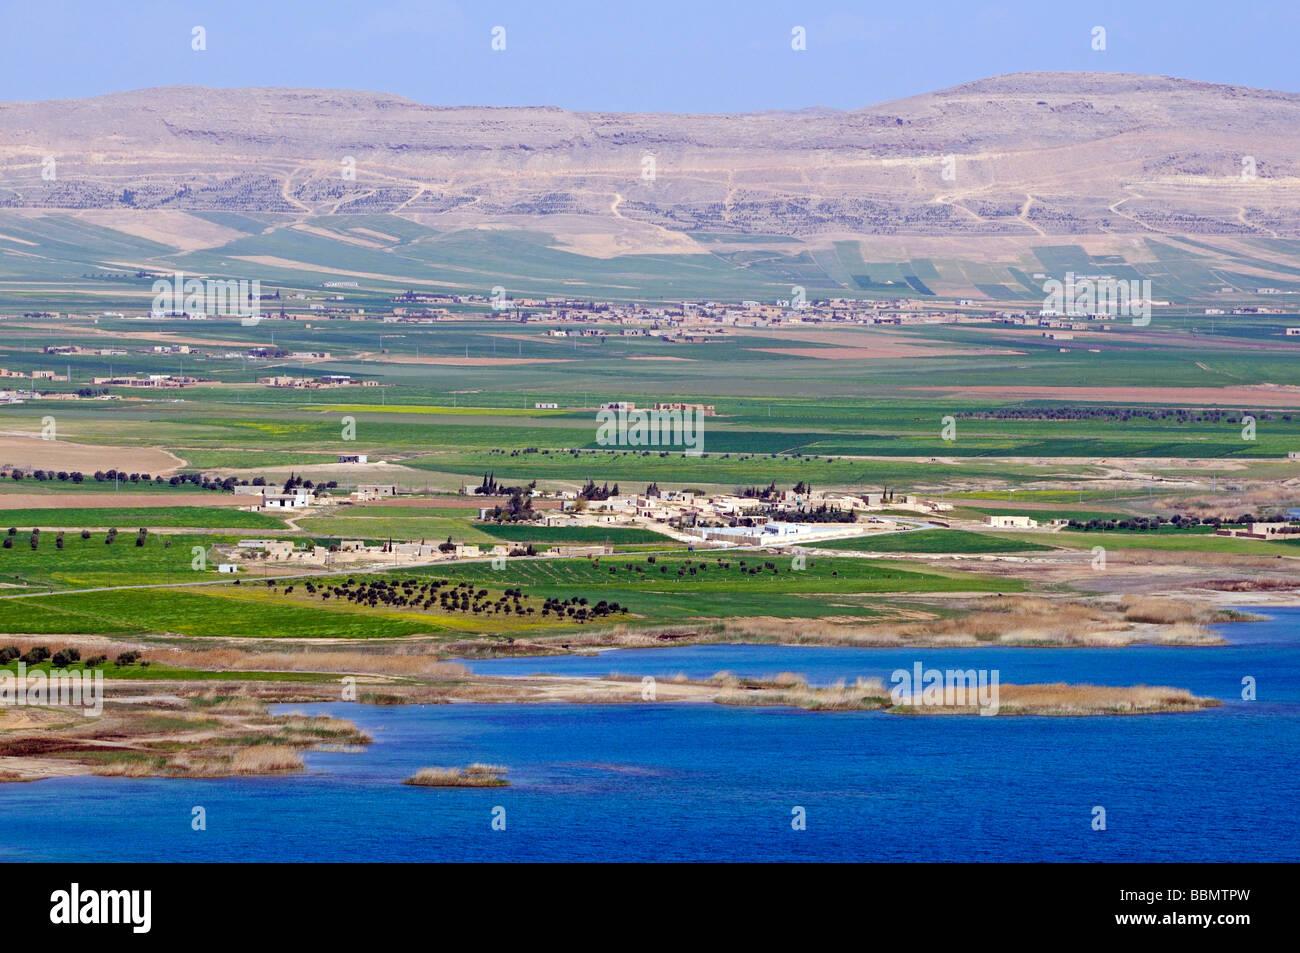 Asad reservoir of the Euphrates, Syria, Asia Stock Photo